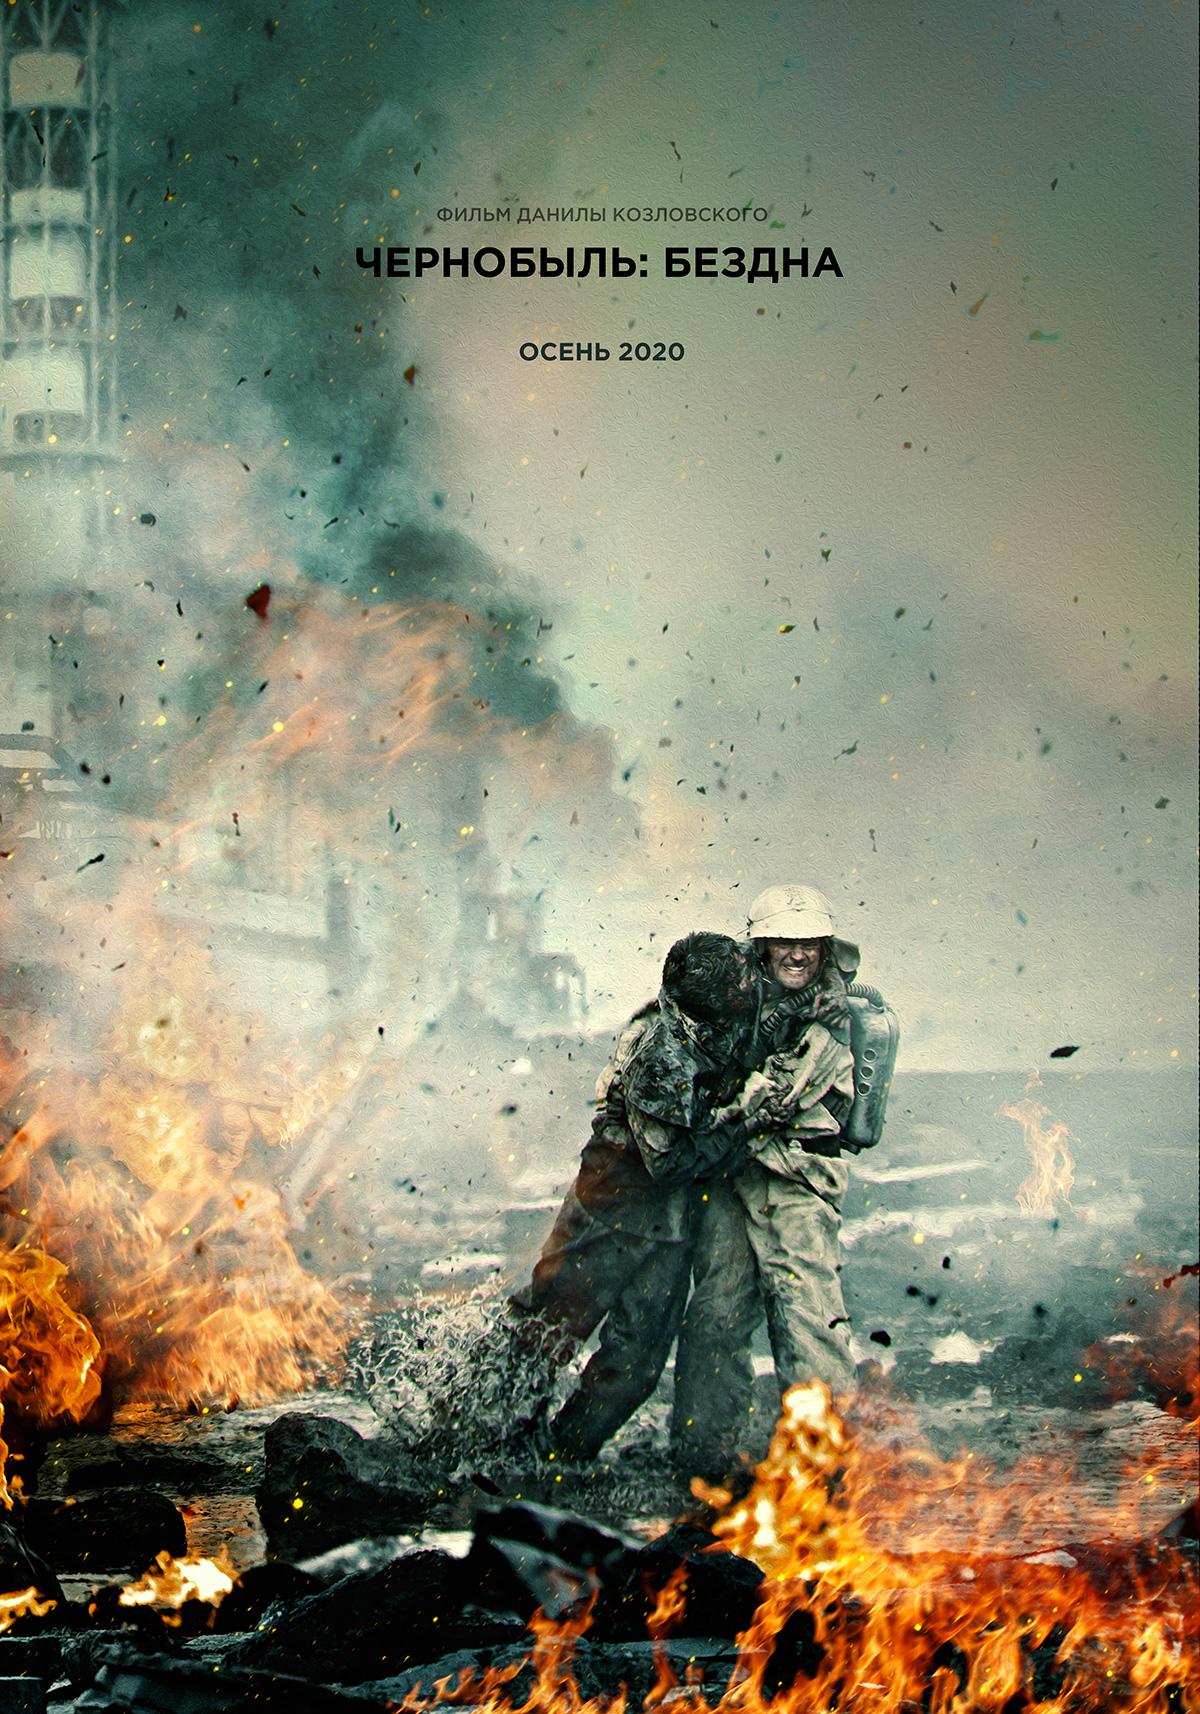 Первый трейлер «Чернобыля» отДанилы Козловского